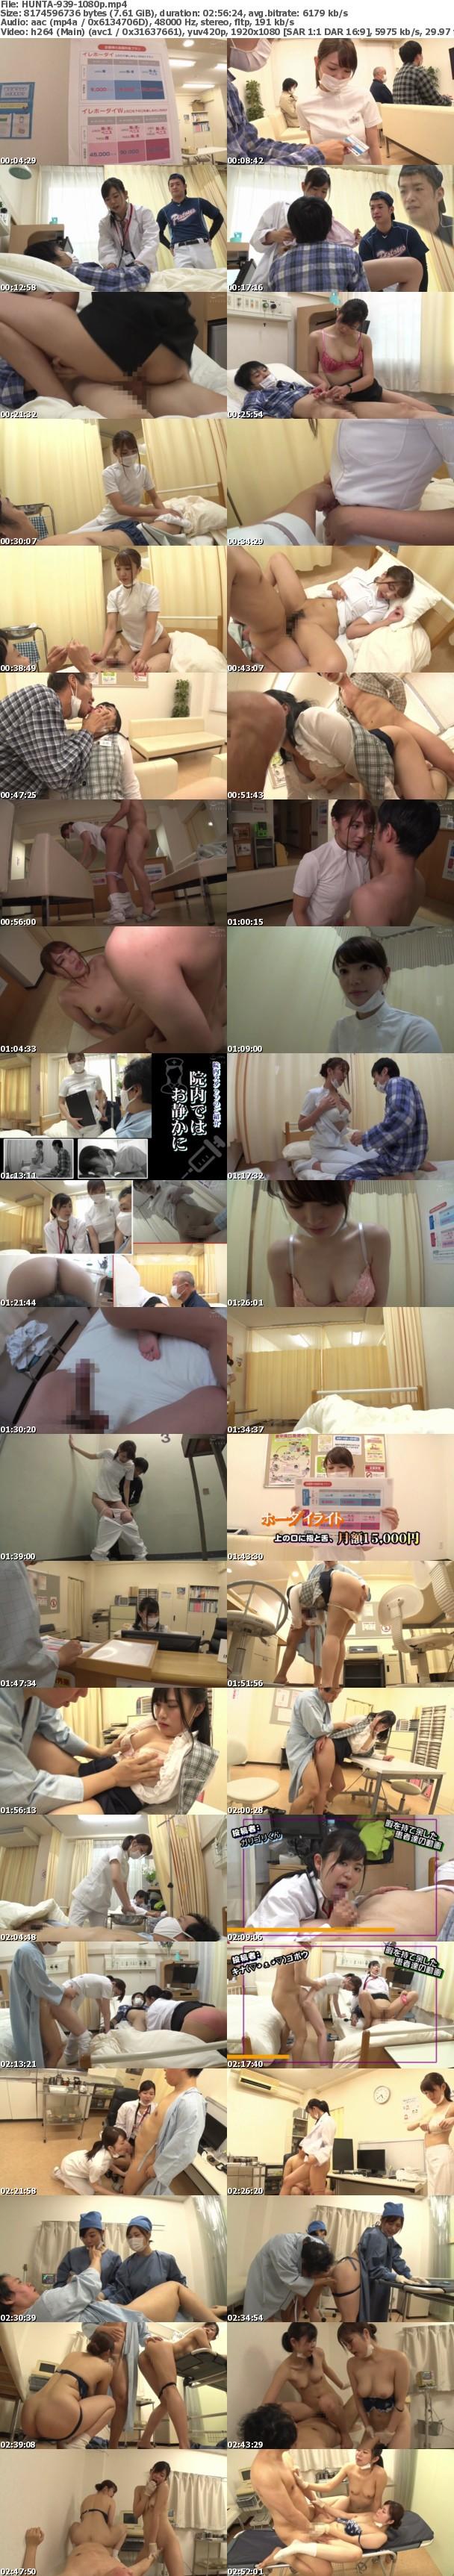 (Full HD) HUNTA-939 だれとでも定額挿れ放題!月々定額料金さえ支払えば、病院内に勤務している女性スタッフ誰でも挿れ放題!中出しし放題!当病院に入院されている…